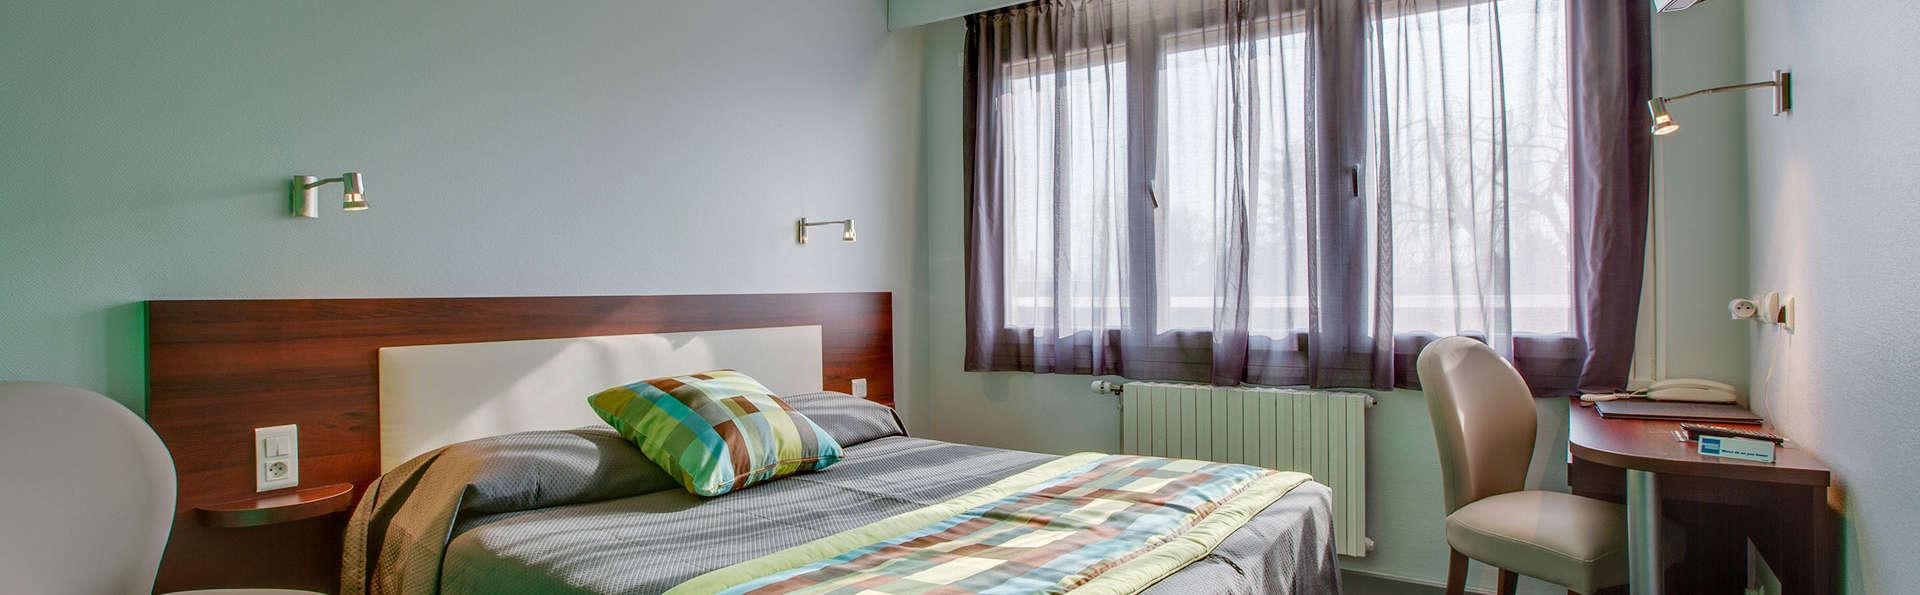 Hôtel Le Pacifique - EDIT_room3.jpg